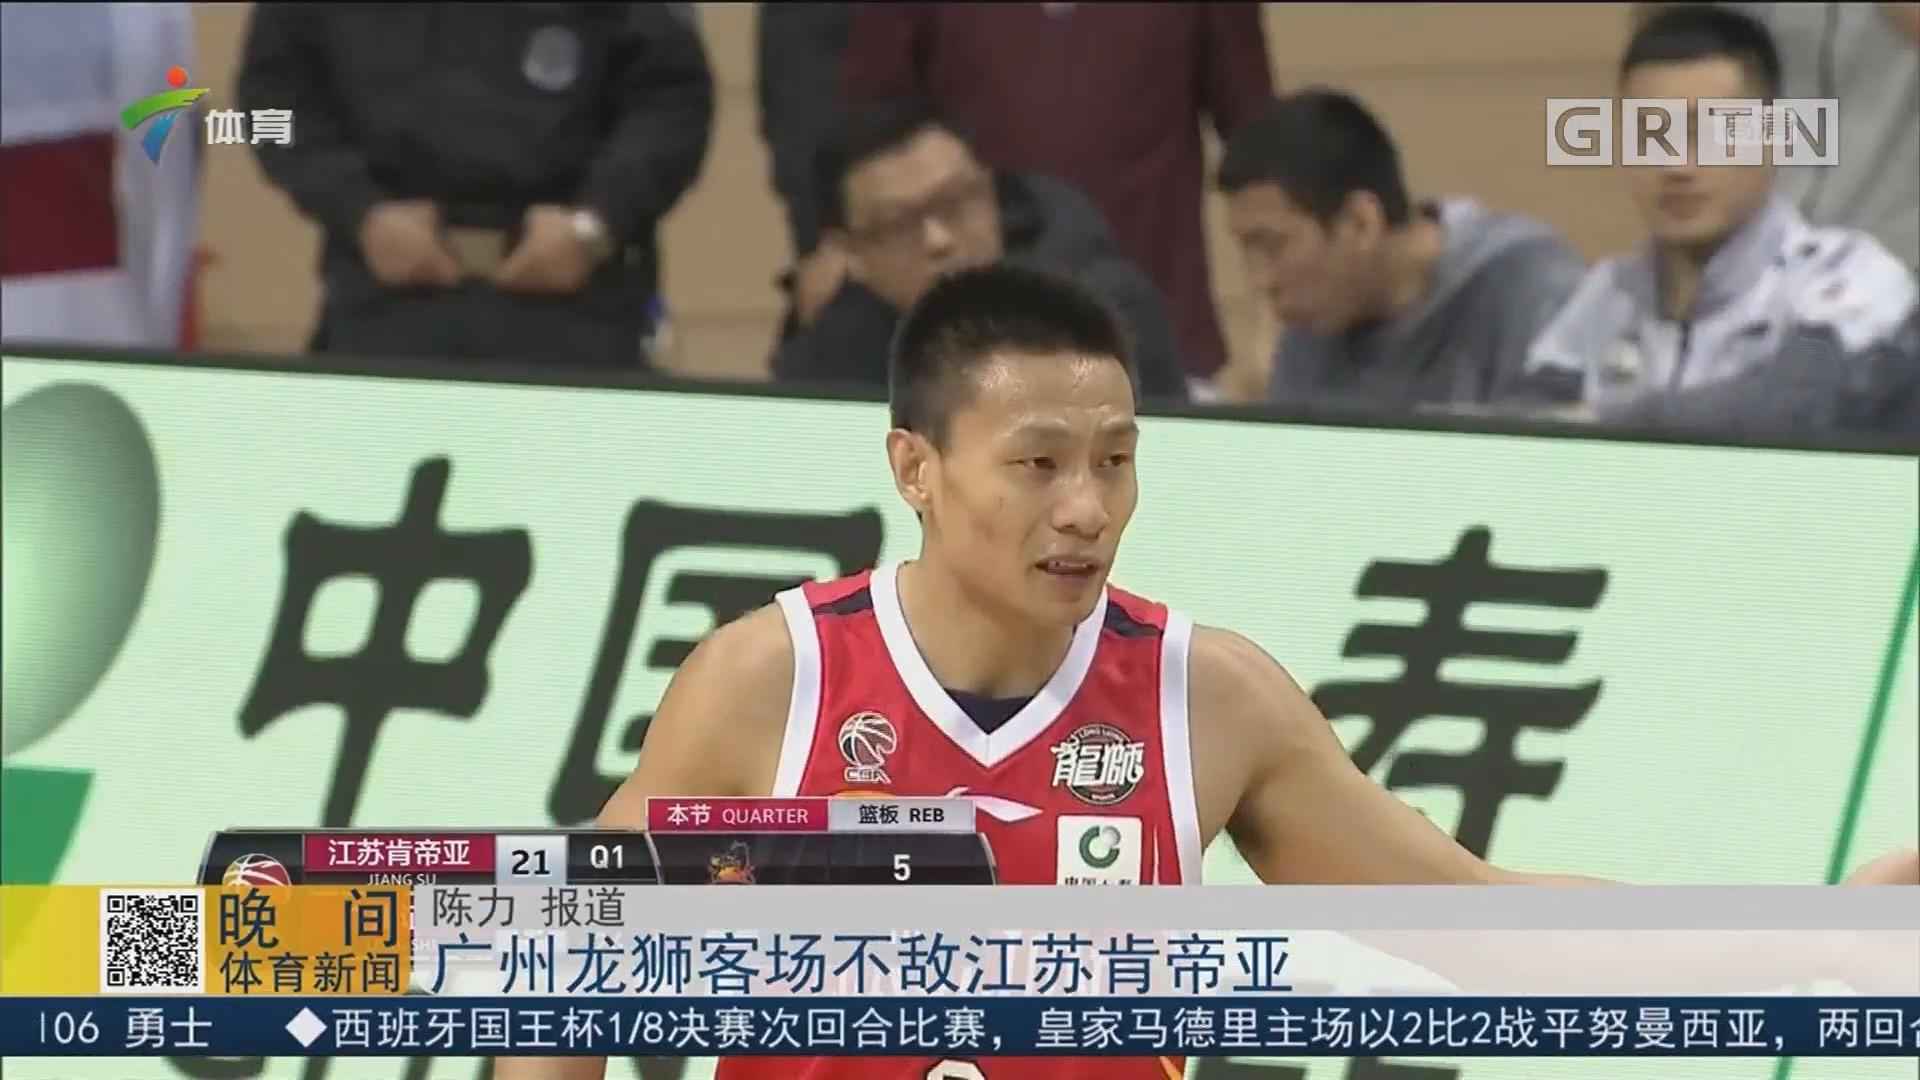 广州龙狮客场不敌江苏肯帝亚